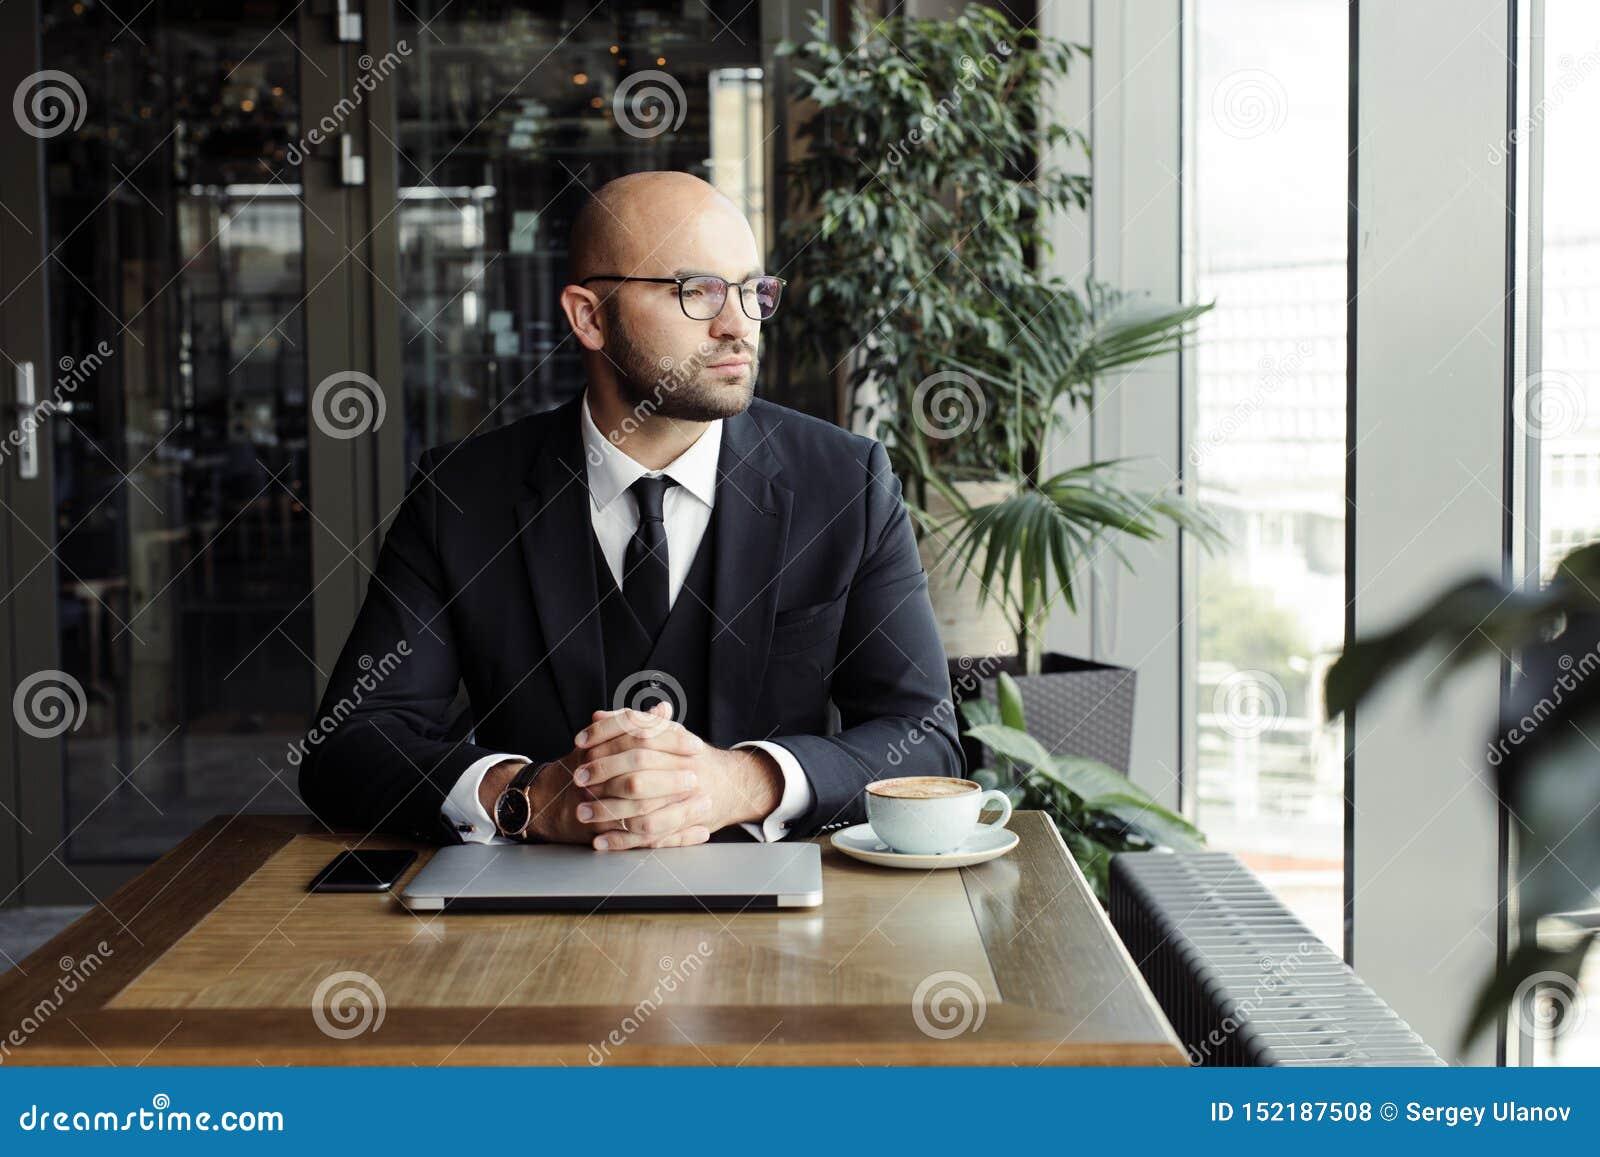 Zamyka w górę przystojnego biznesmena, pracujący na laptopie w restauracji